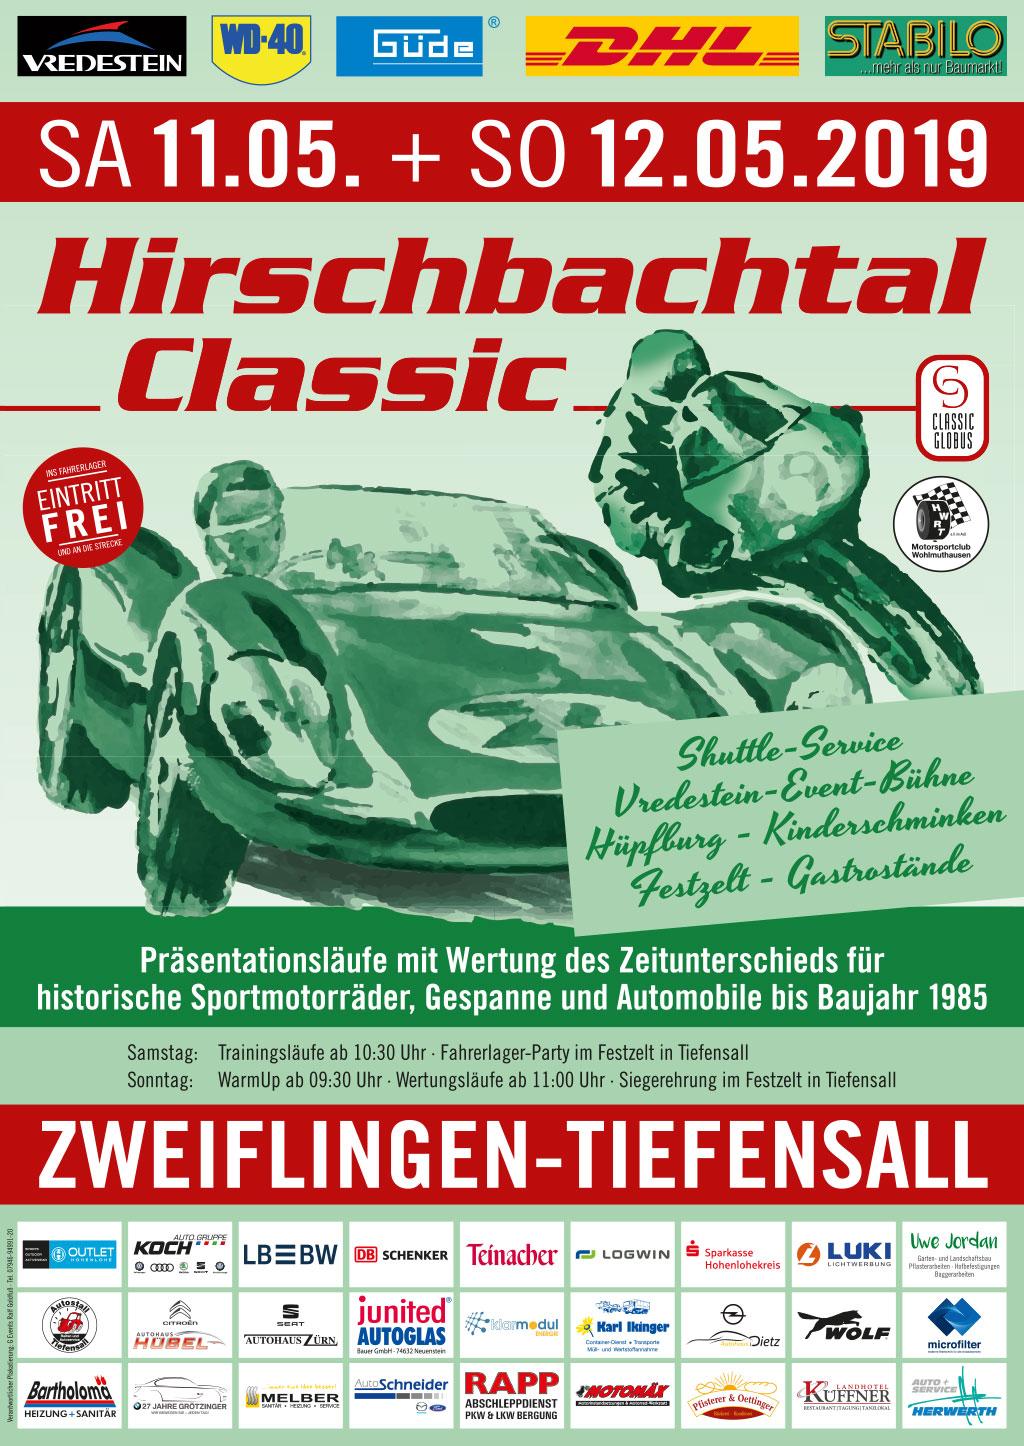 zurück zur Hirschbachtal Classic 2019